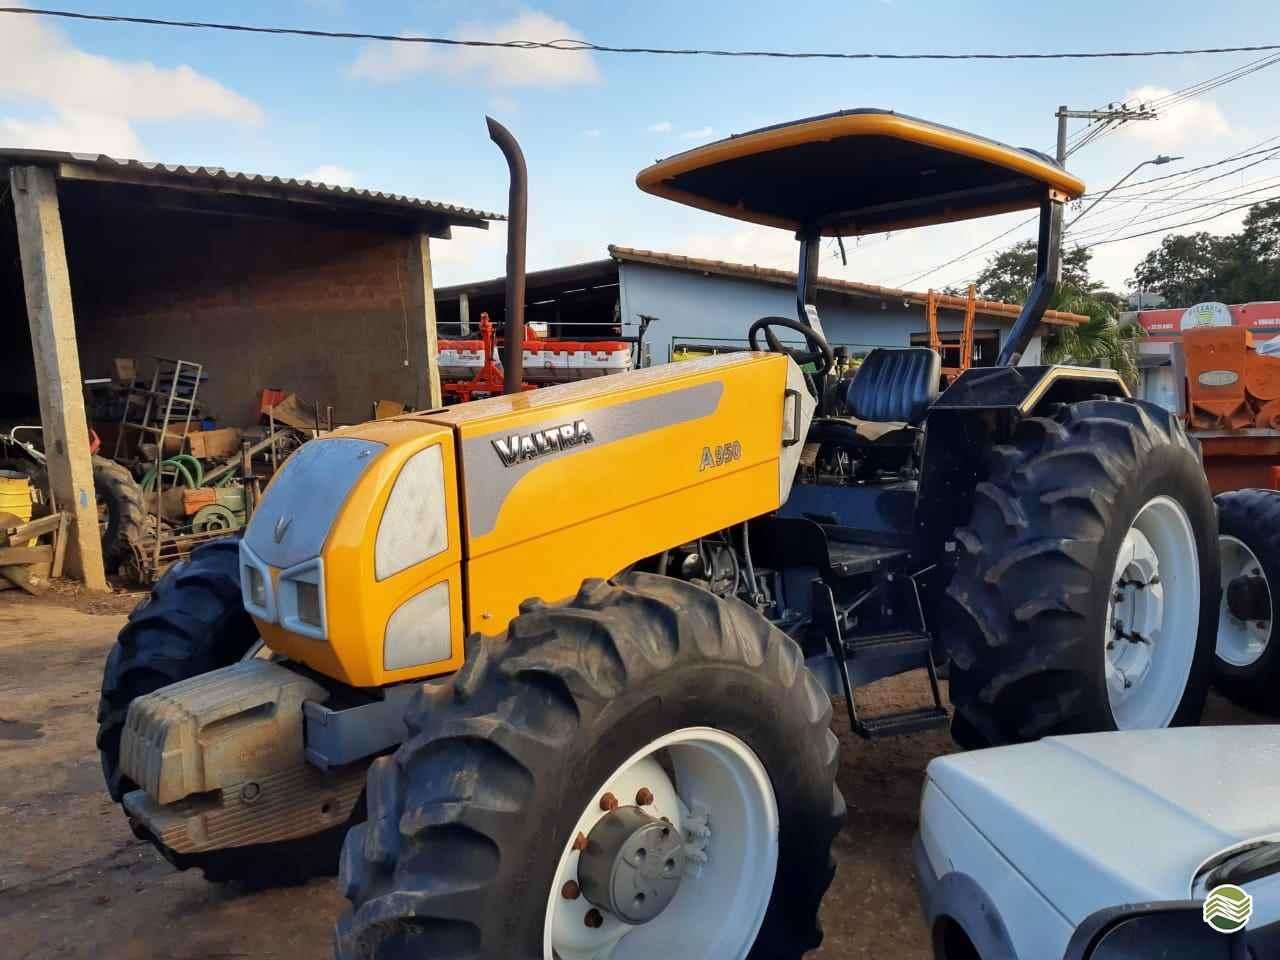 VALTRA A950 de Makes - São Miguel - SAO MIGUEL ARCANJO/SP